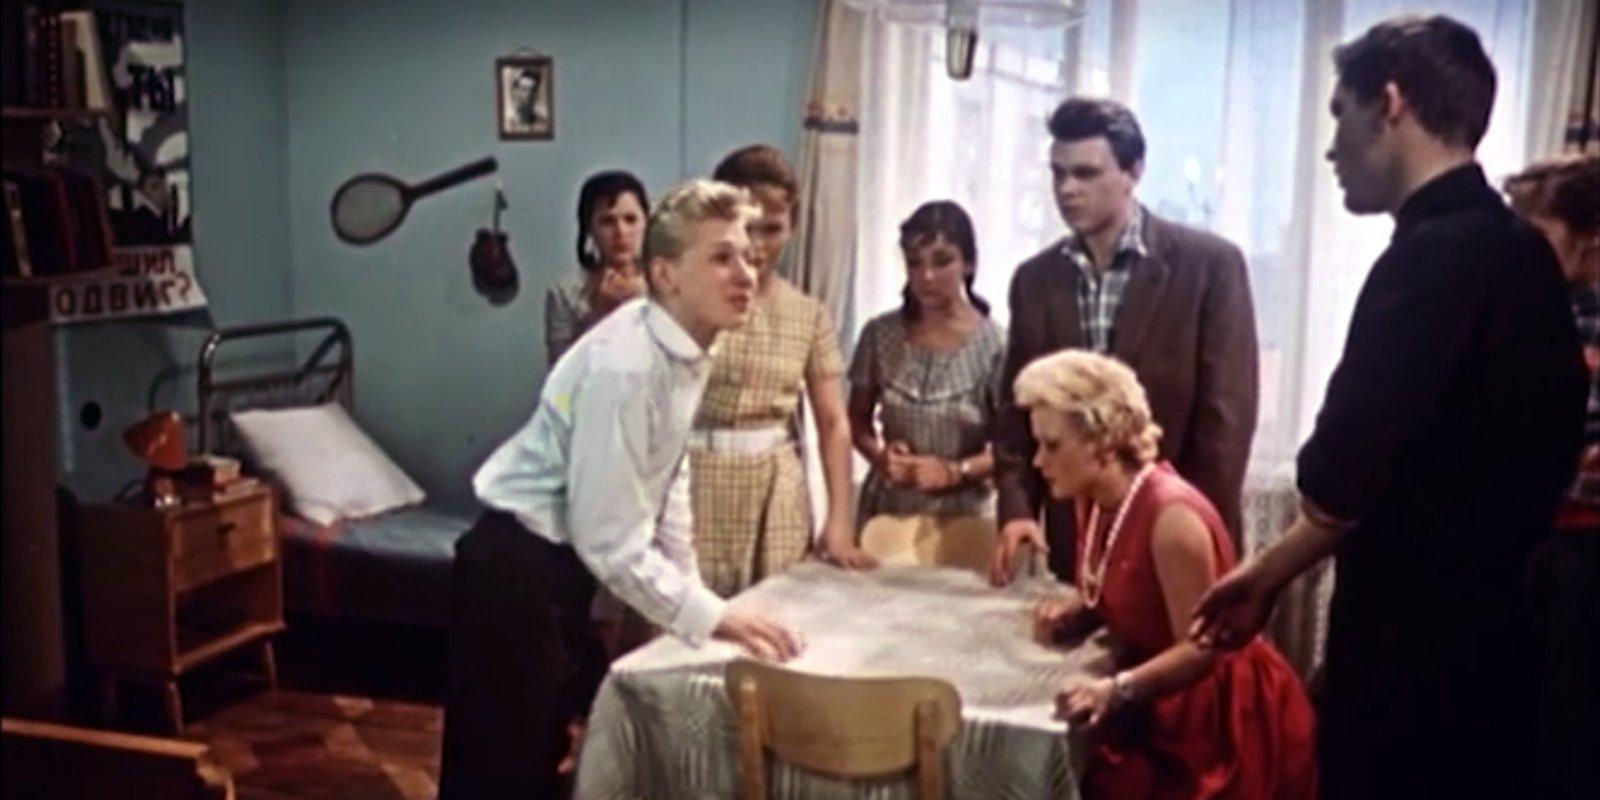 Кадр из фильма «Семь нянек». Режиссер Ролан Быков. 1962 год